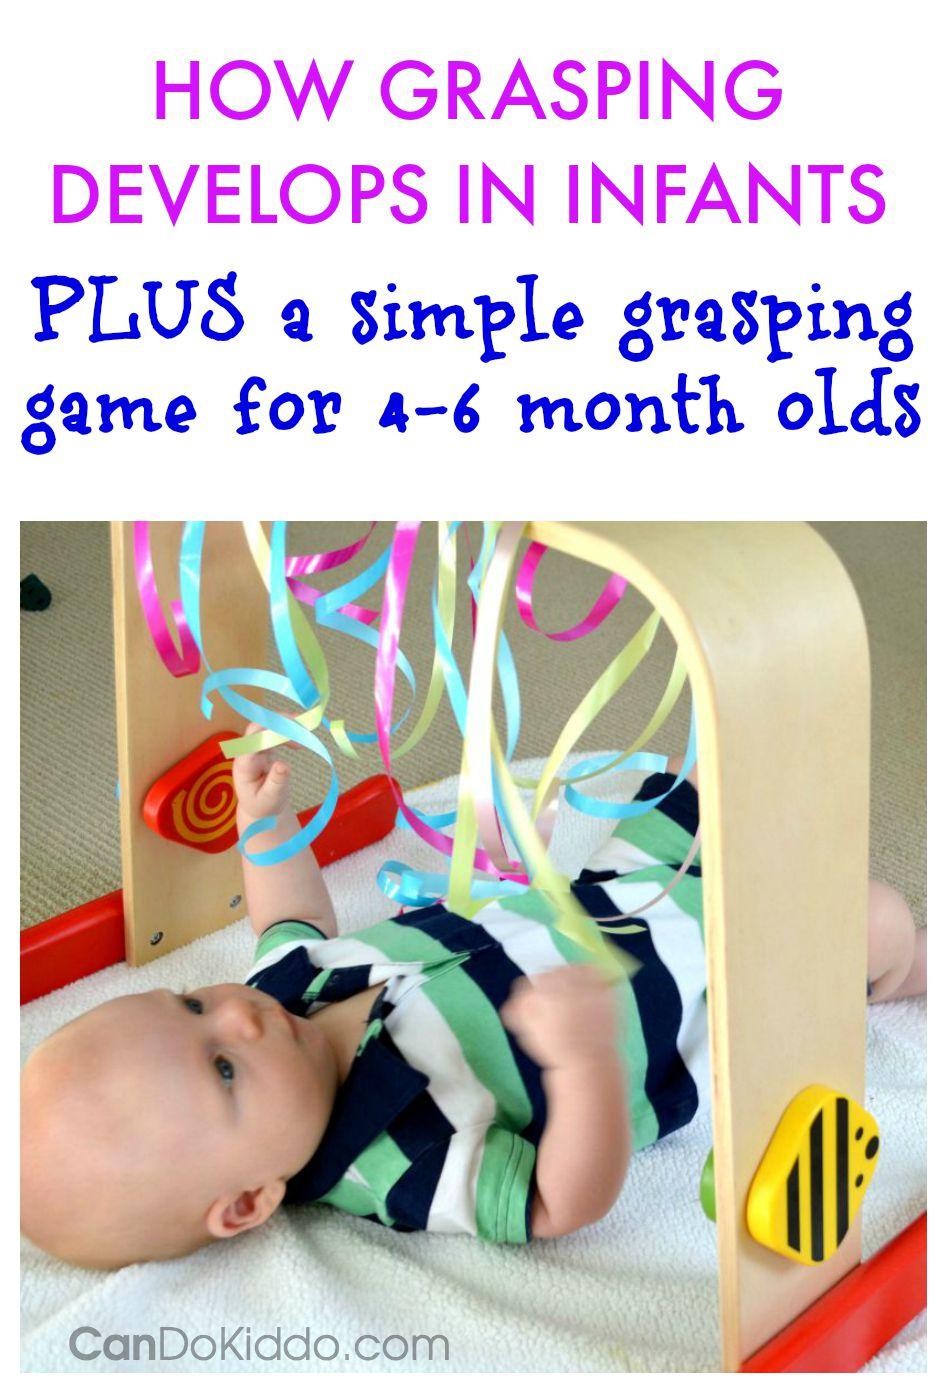 Grasping Play for Babies. CanDoKiddo.com